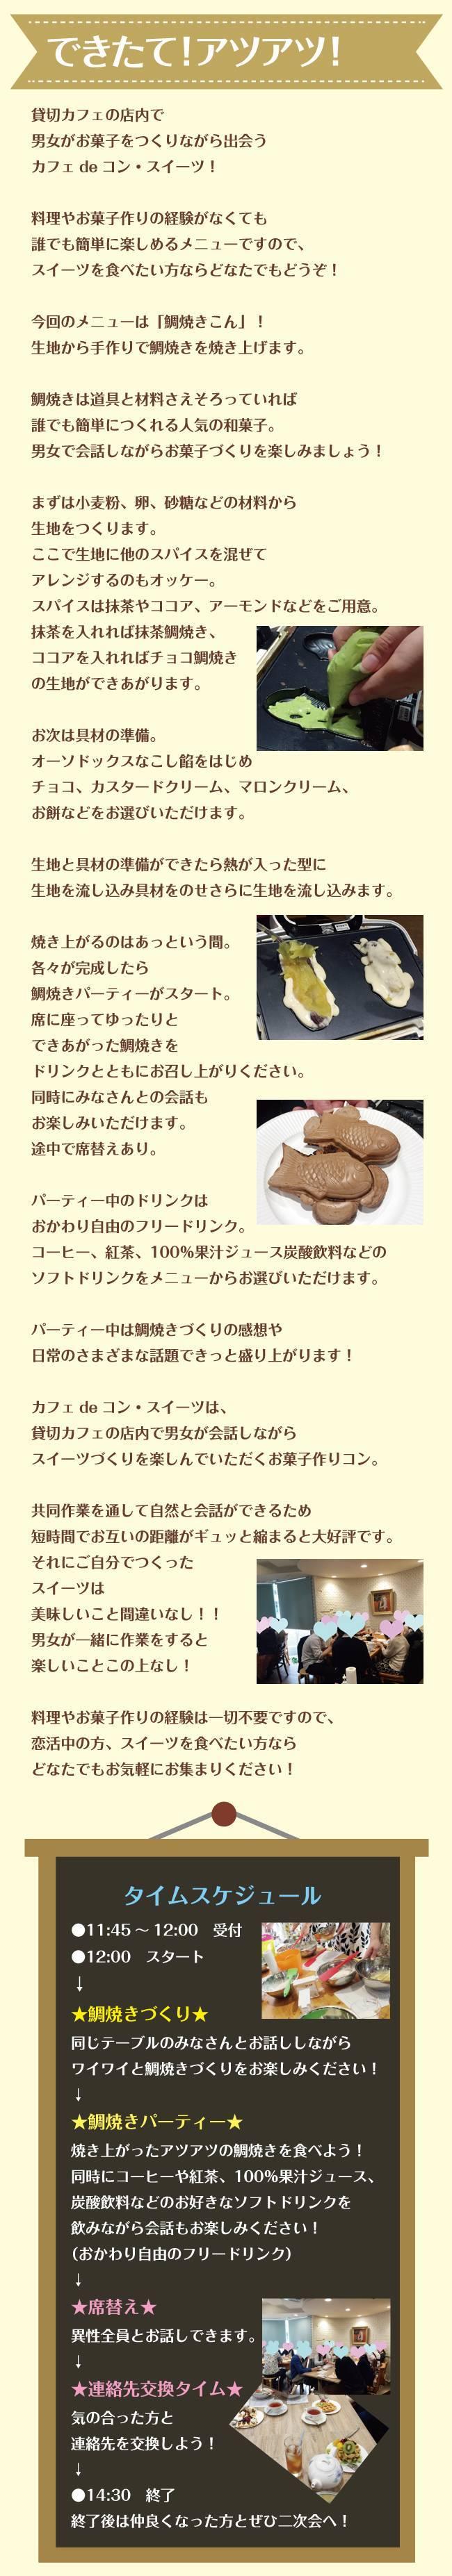 鯛焼きコンのタイムスケジュール